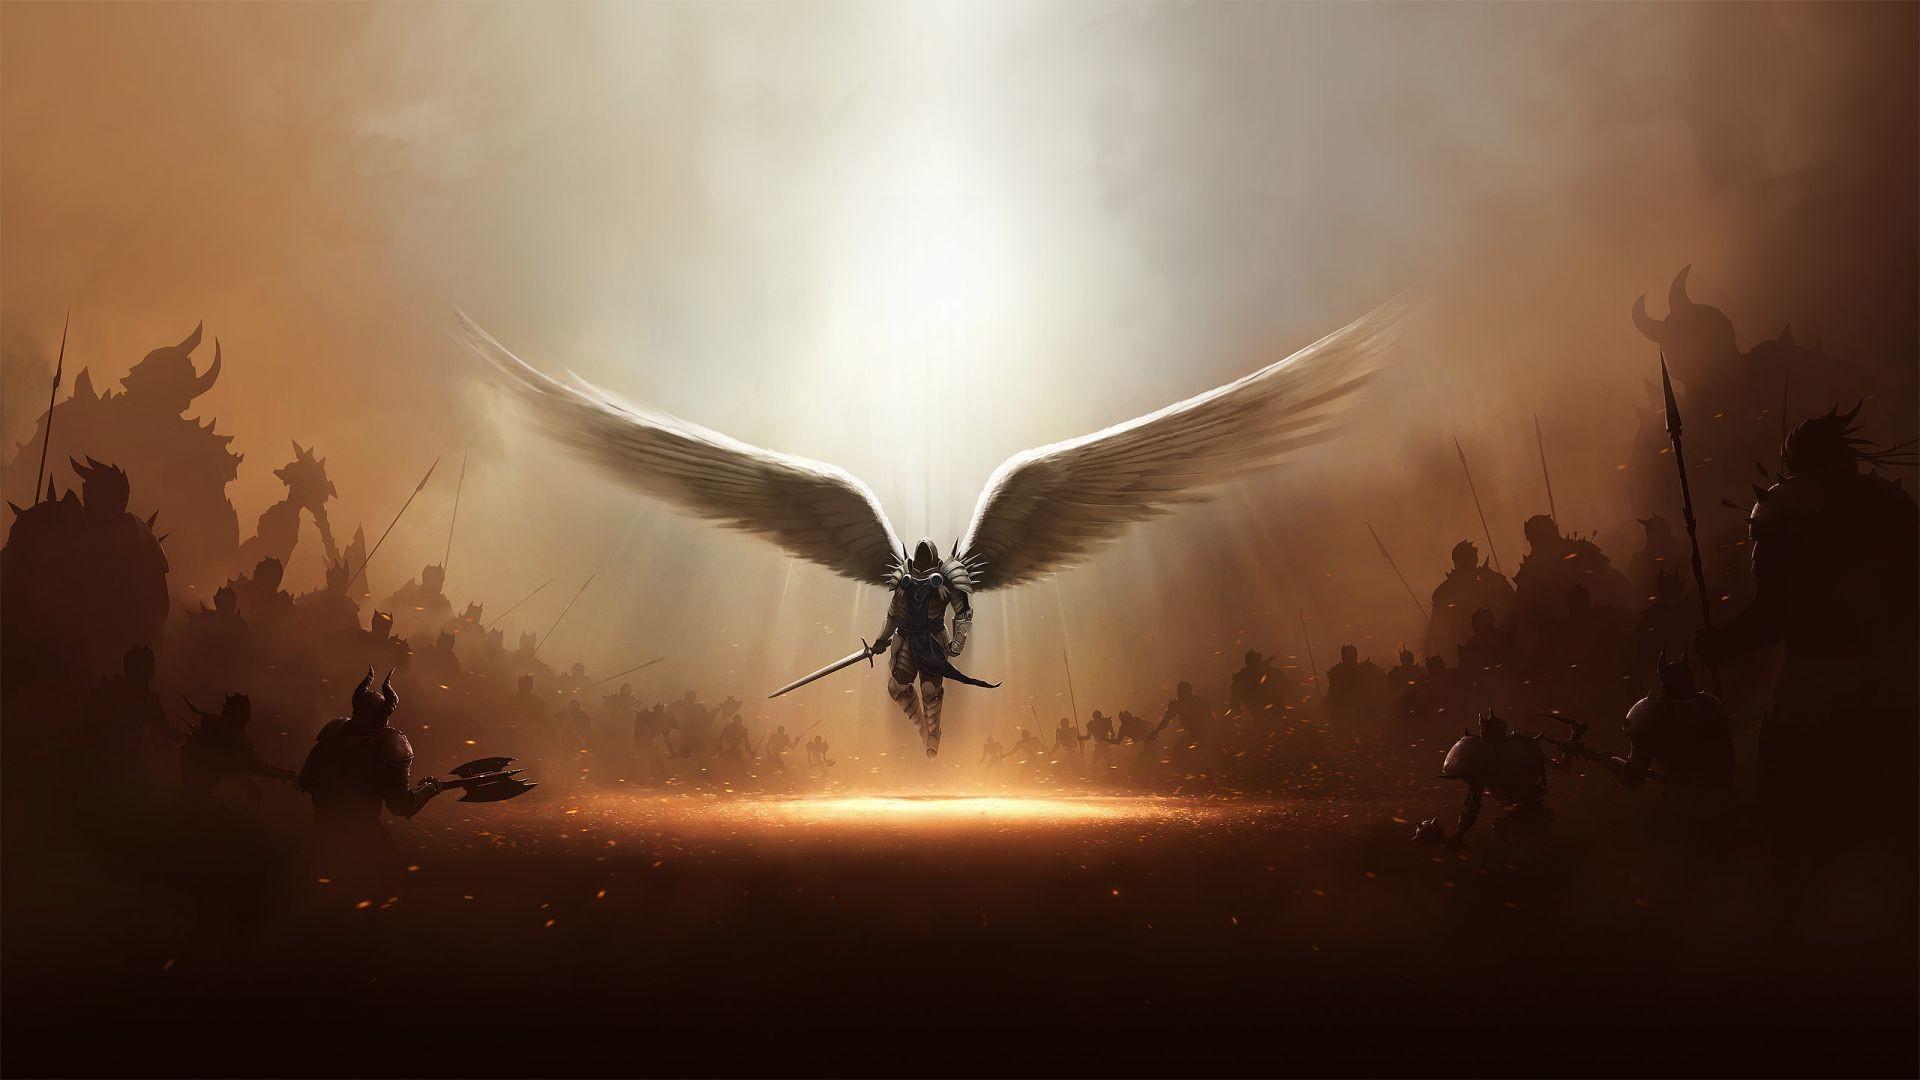 Desktop Angel Warrior Wallpaper